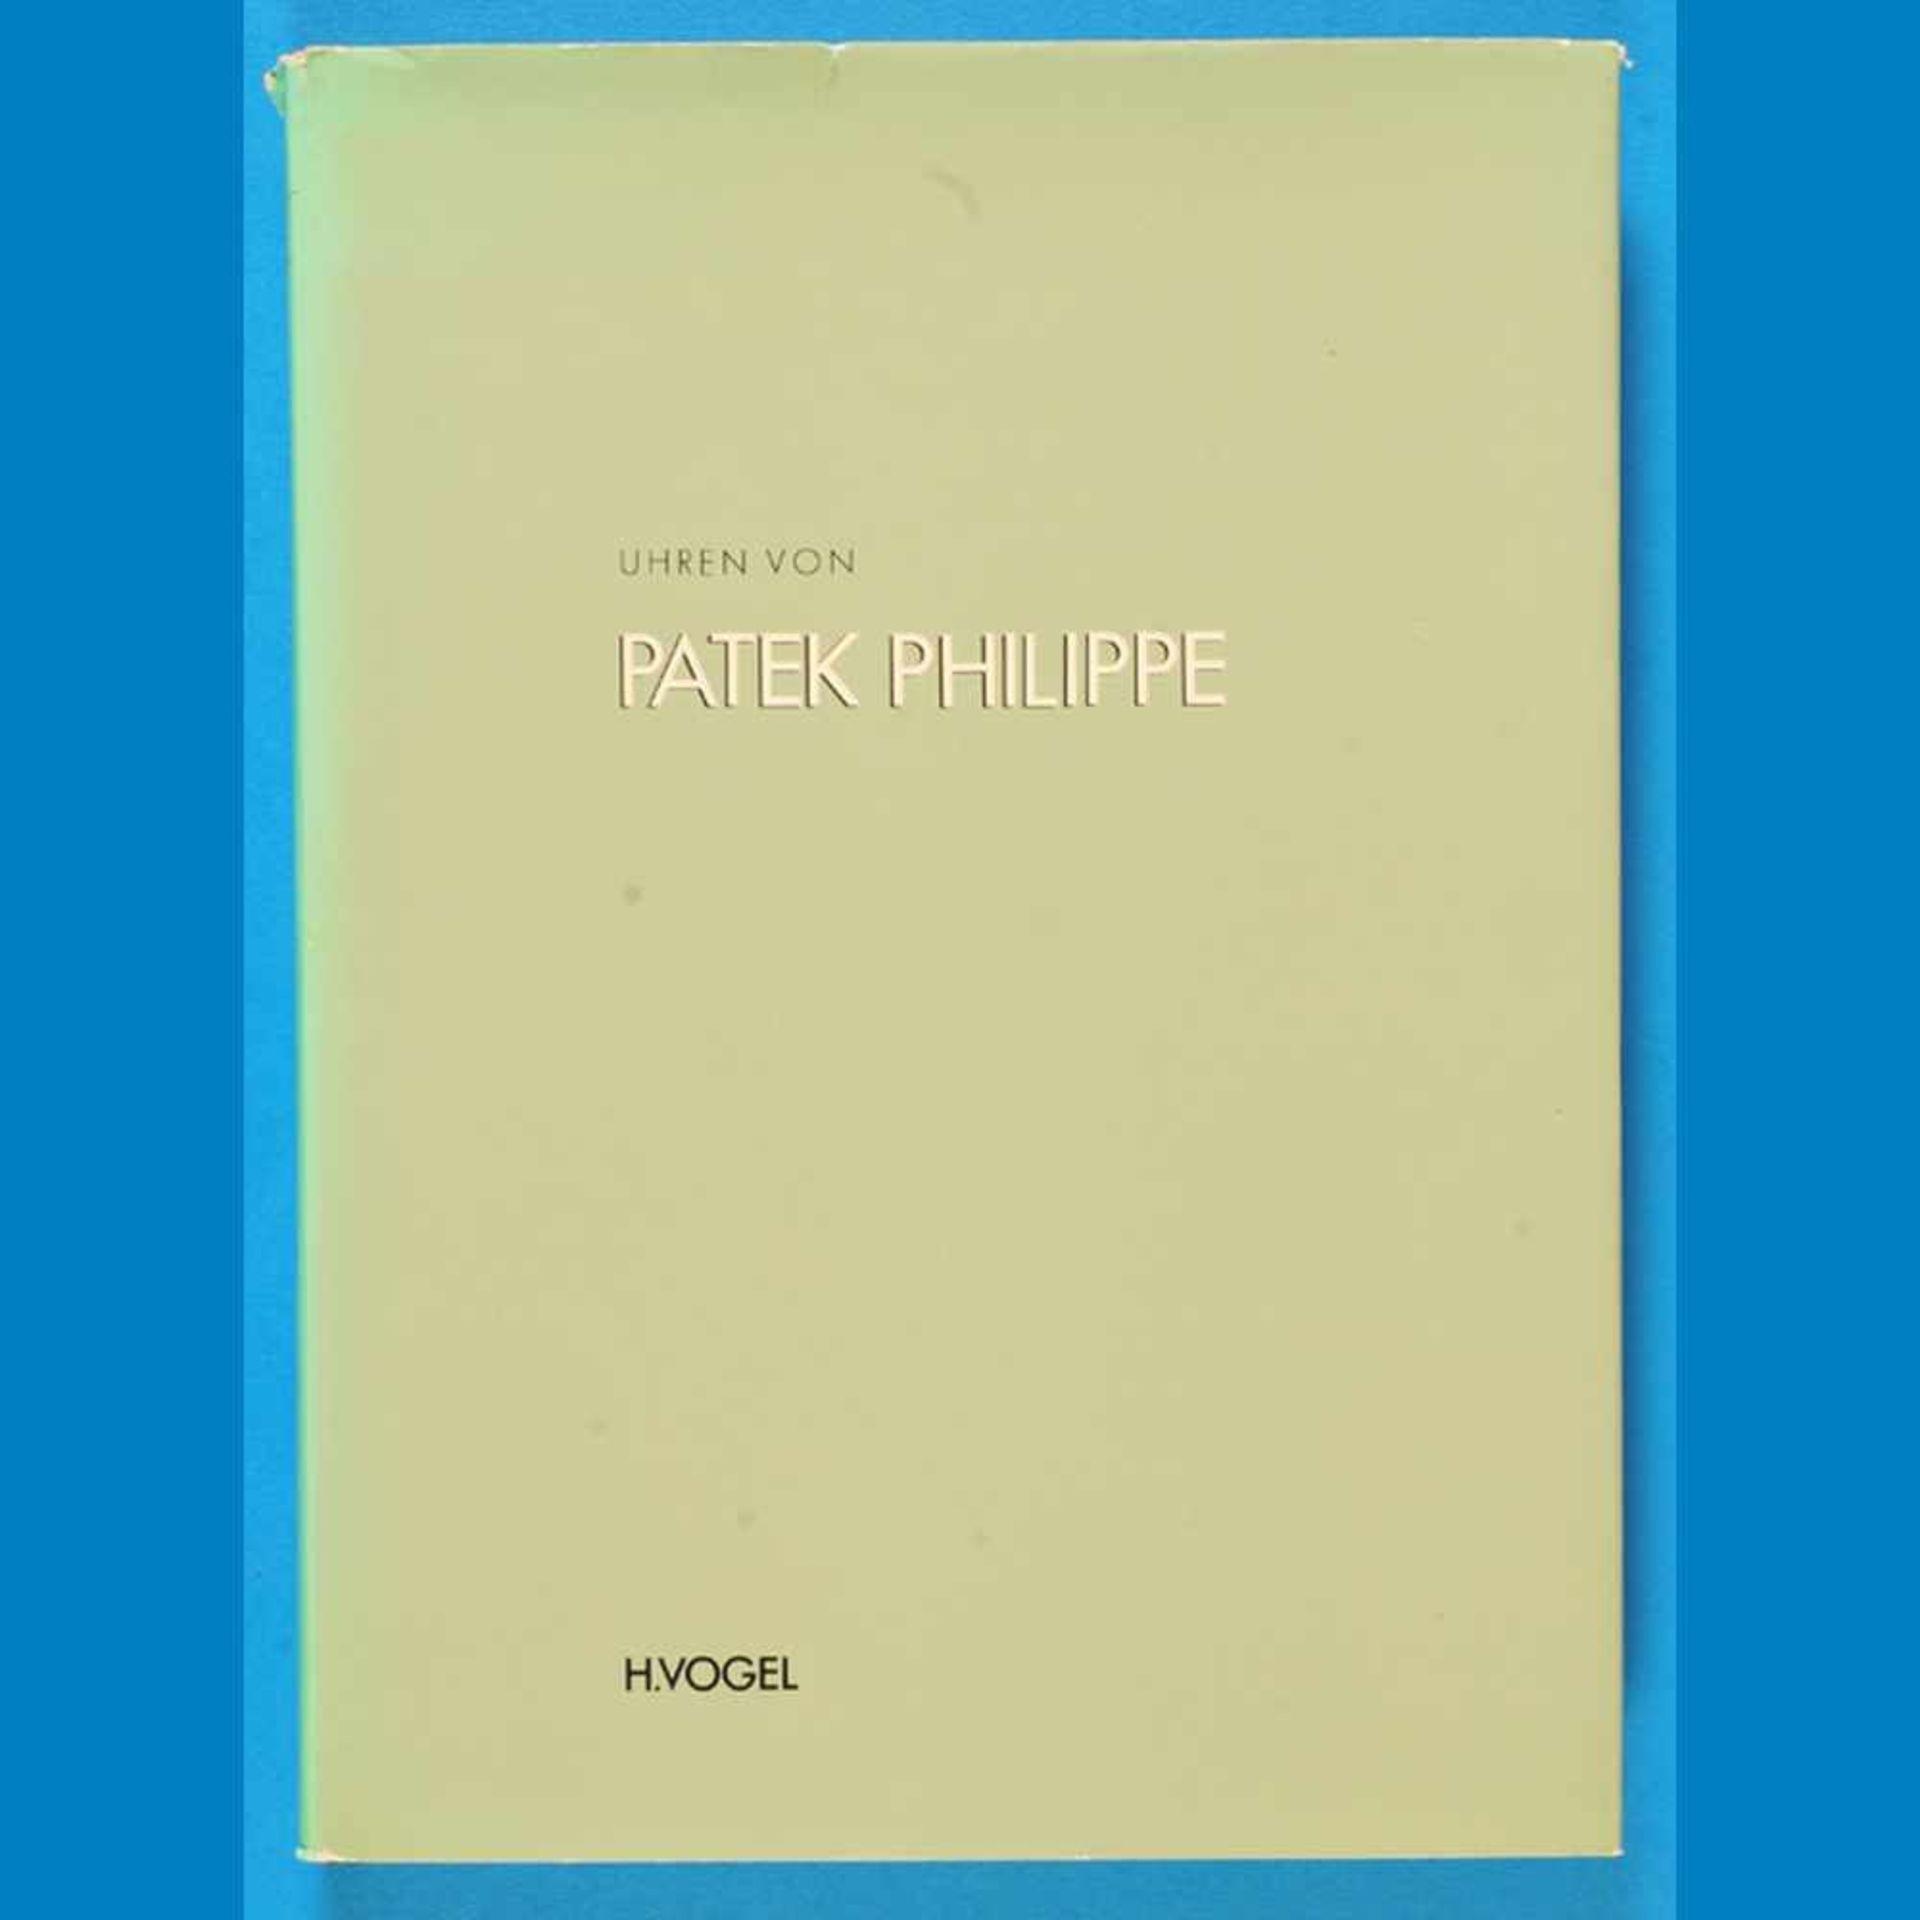 Horand Vogel, Uhren von Patek Philippe, 1980Horand Vogel, Uhren von Patek Philippe, 1980, 1